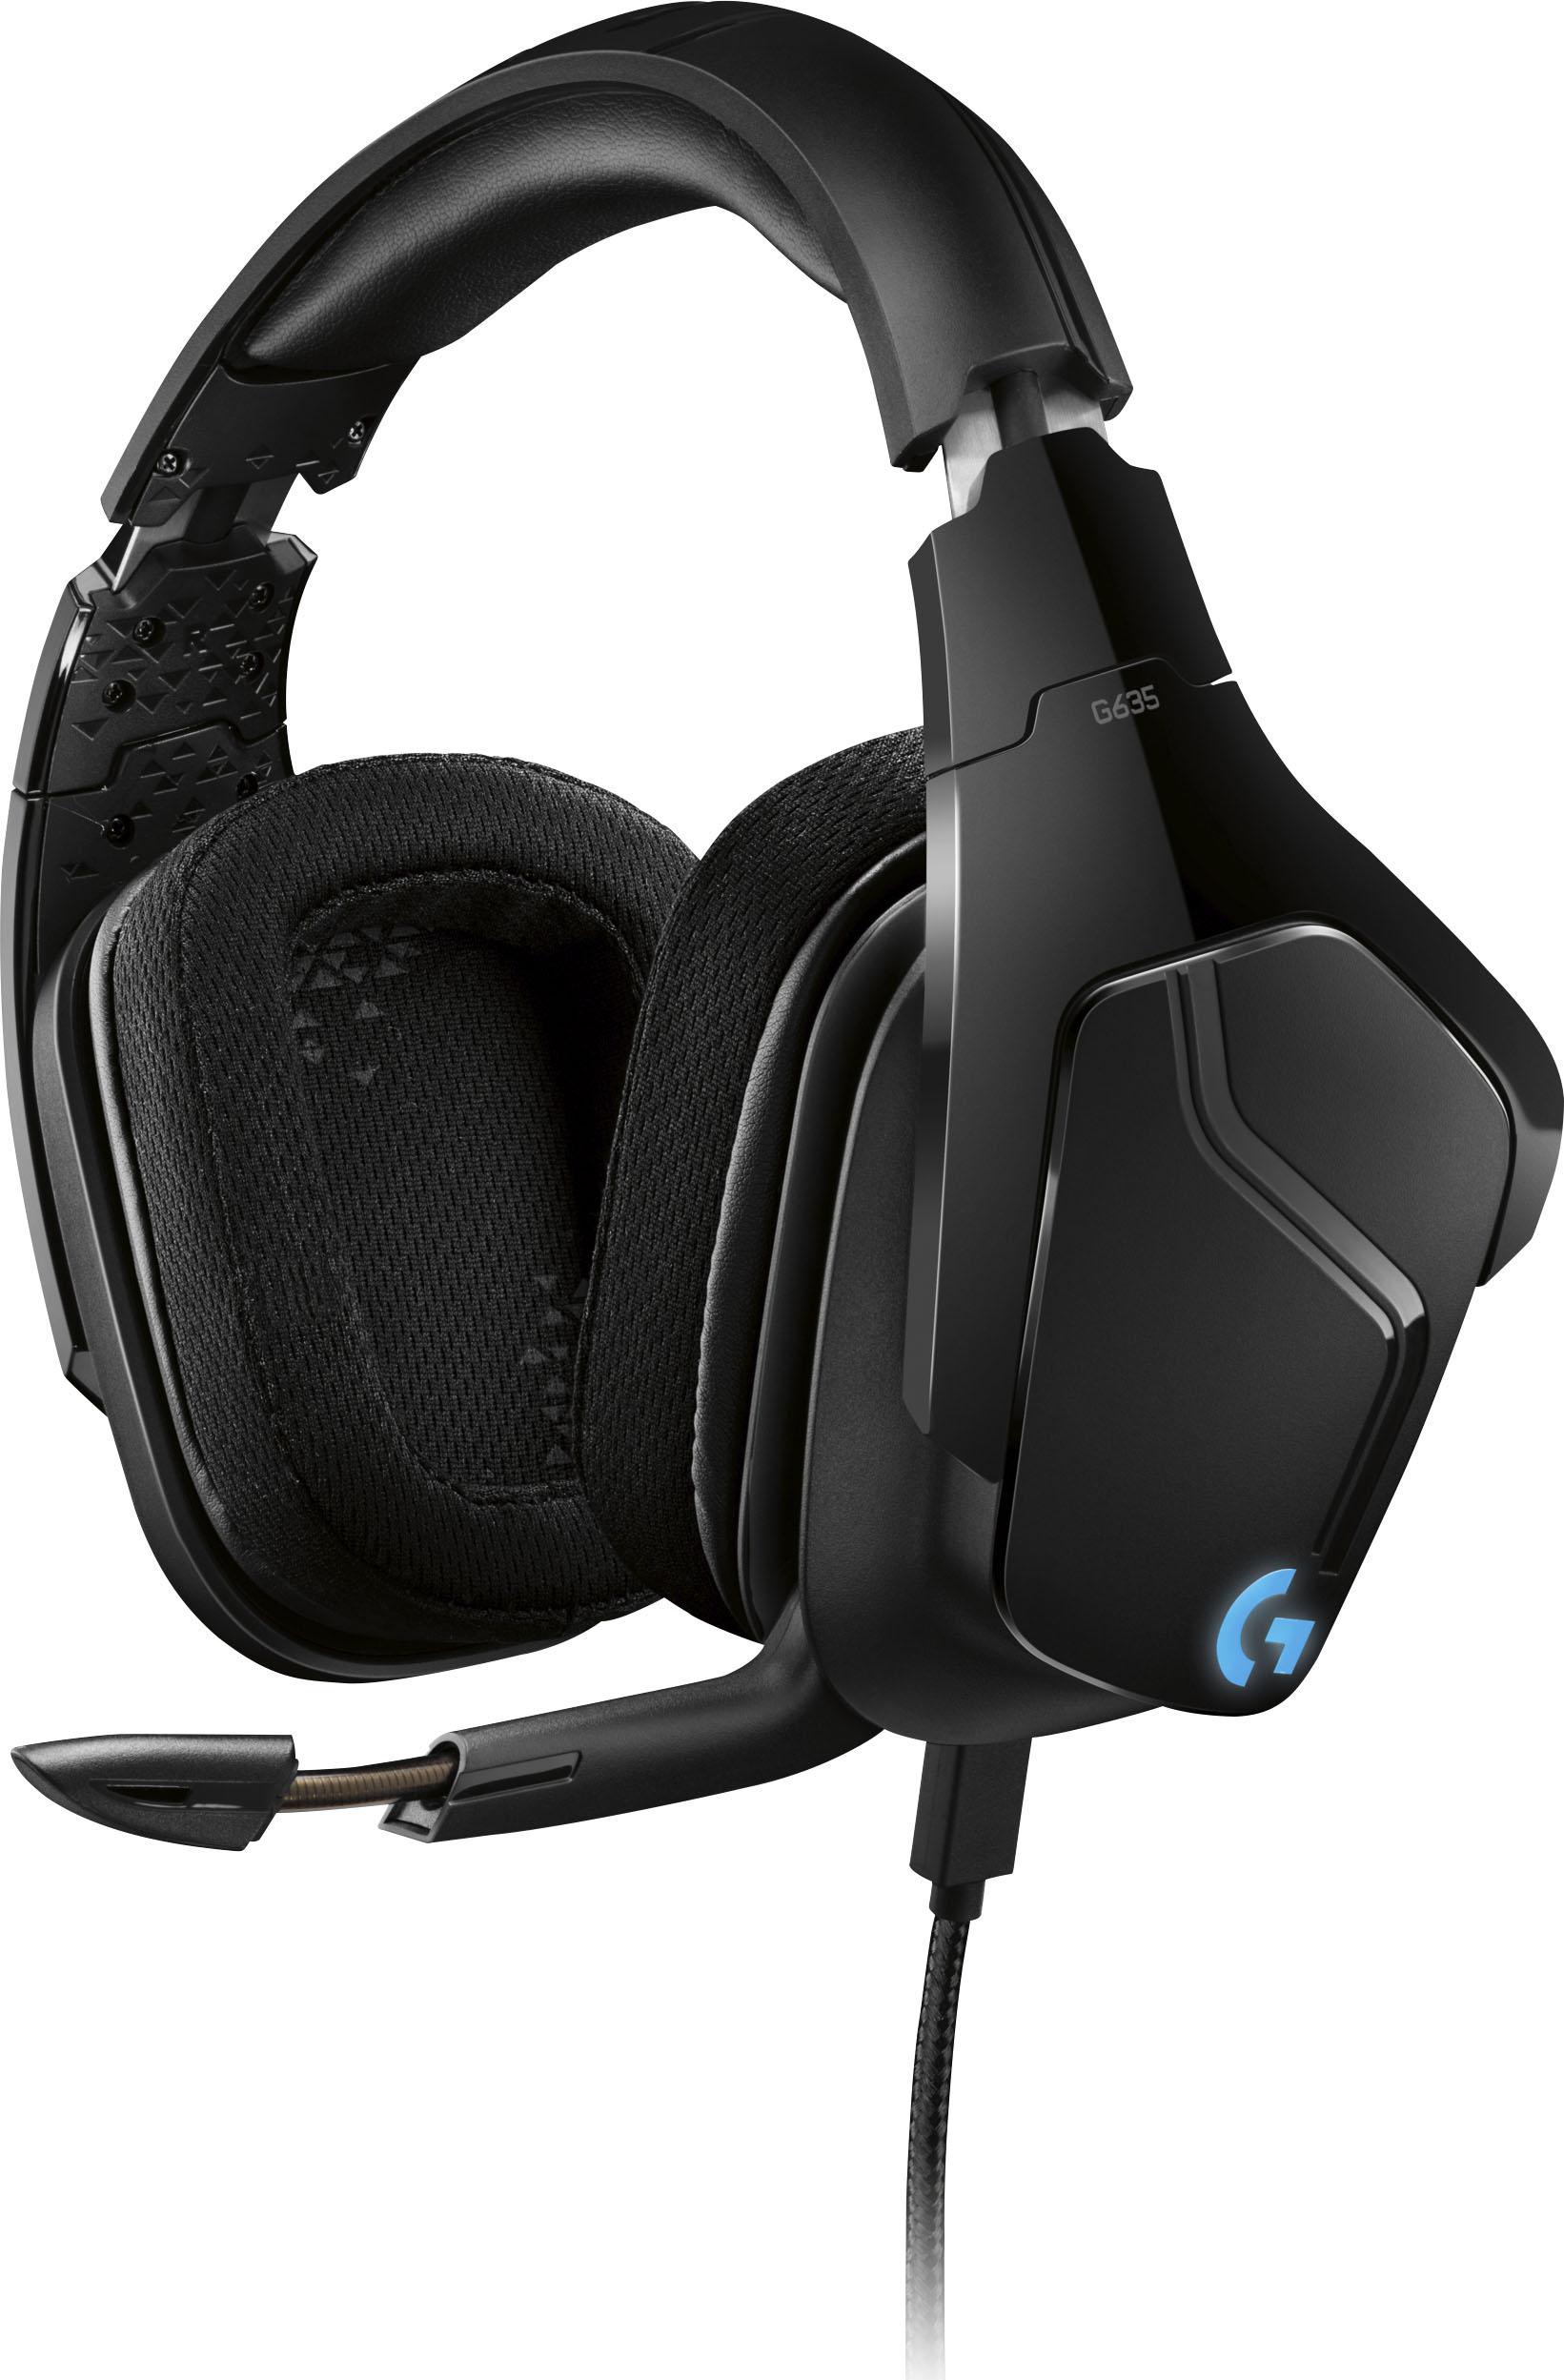 Led Light Up Gaming Headphones : light, gaming, headphones, Logitech, Wired, Surround, Sound, Gaming, Headset, LIGHTSYNC, Lighting, Black/Blue, 981-000748